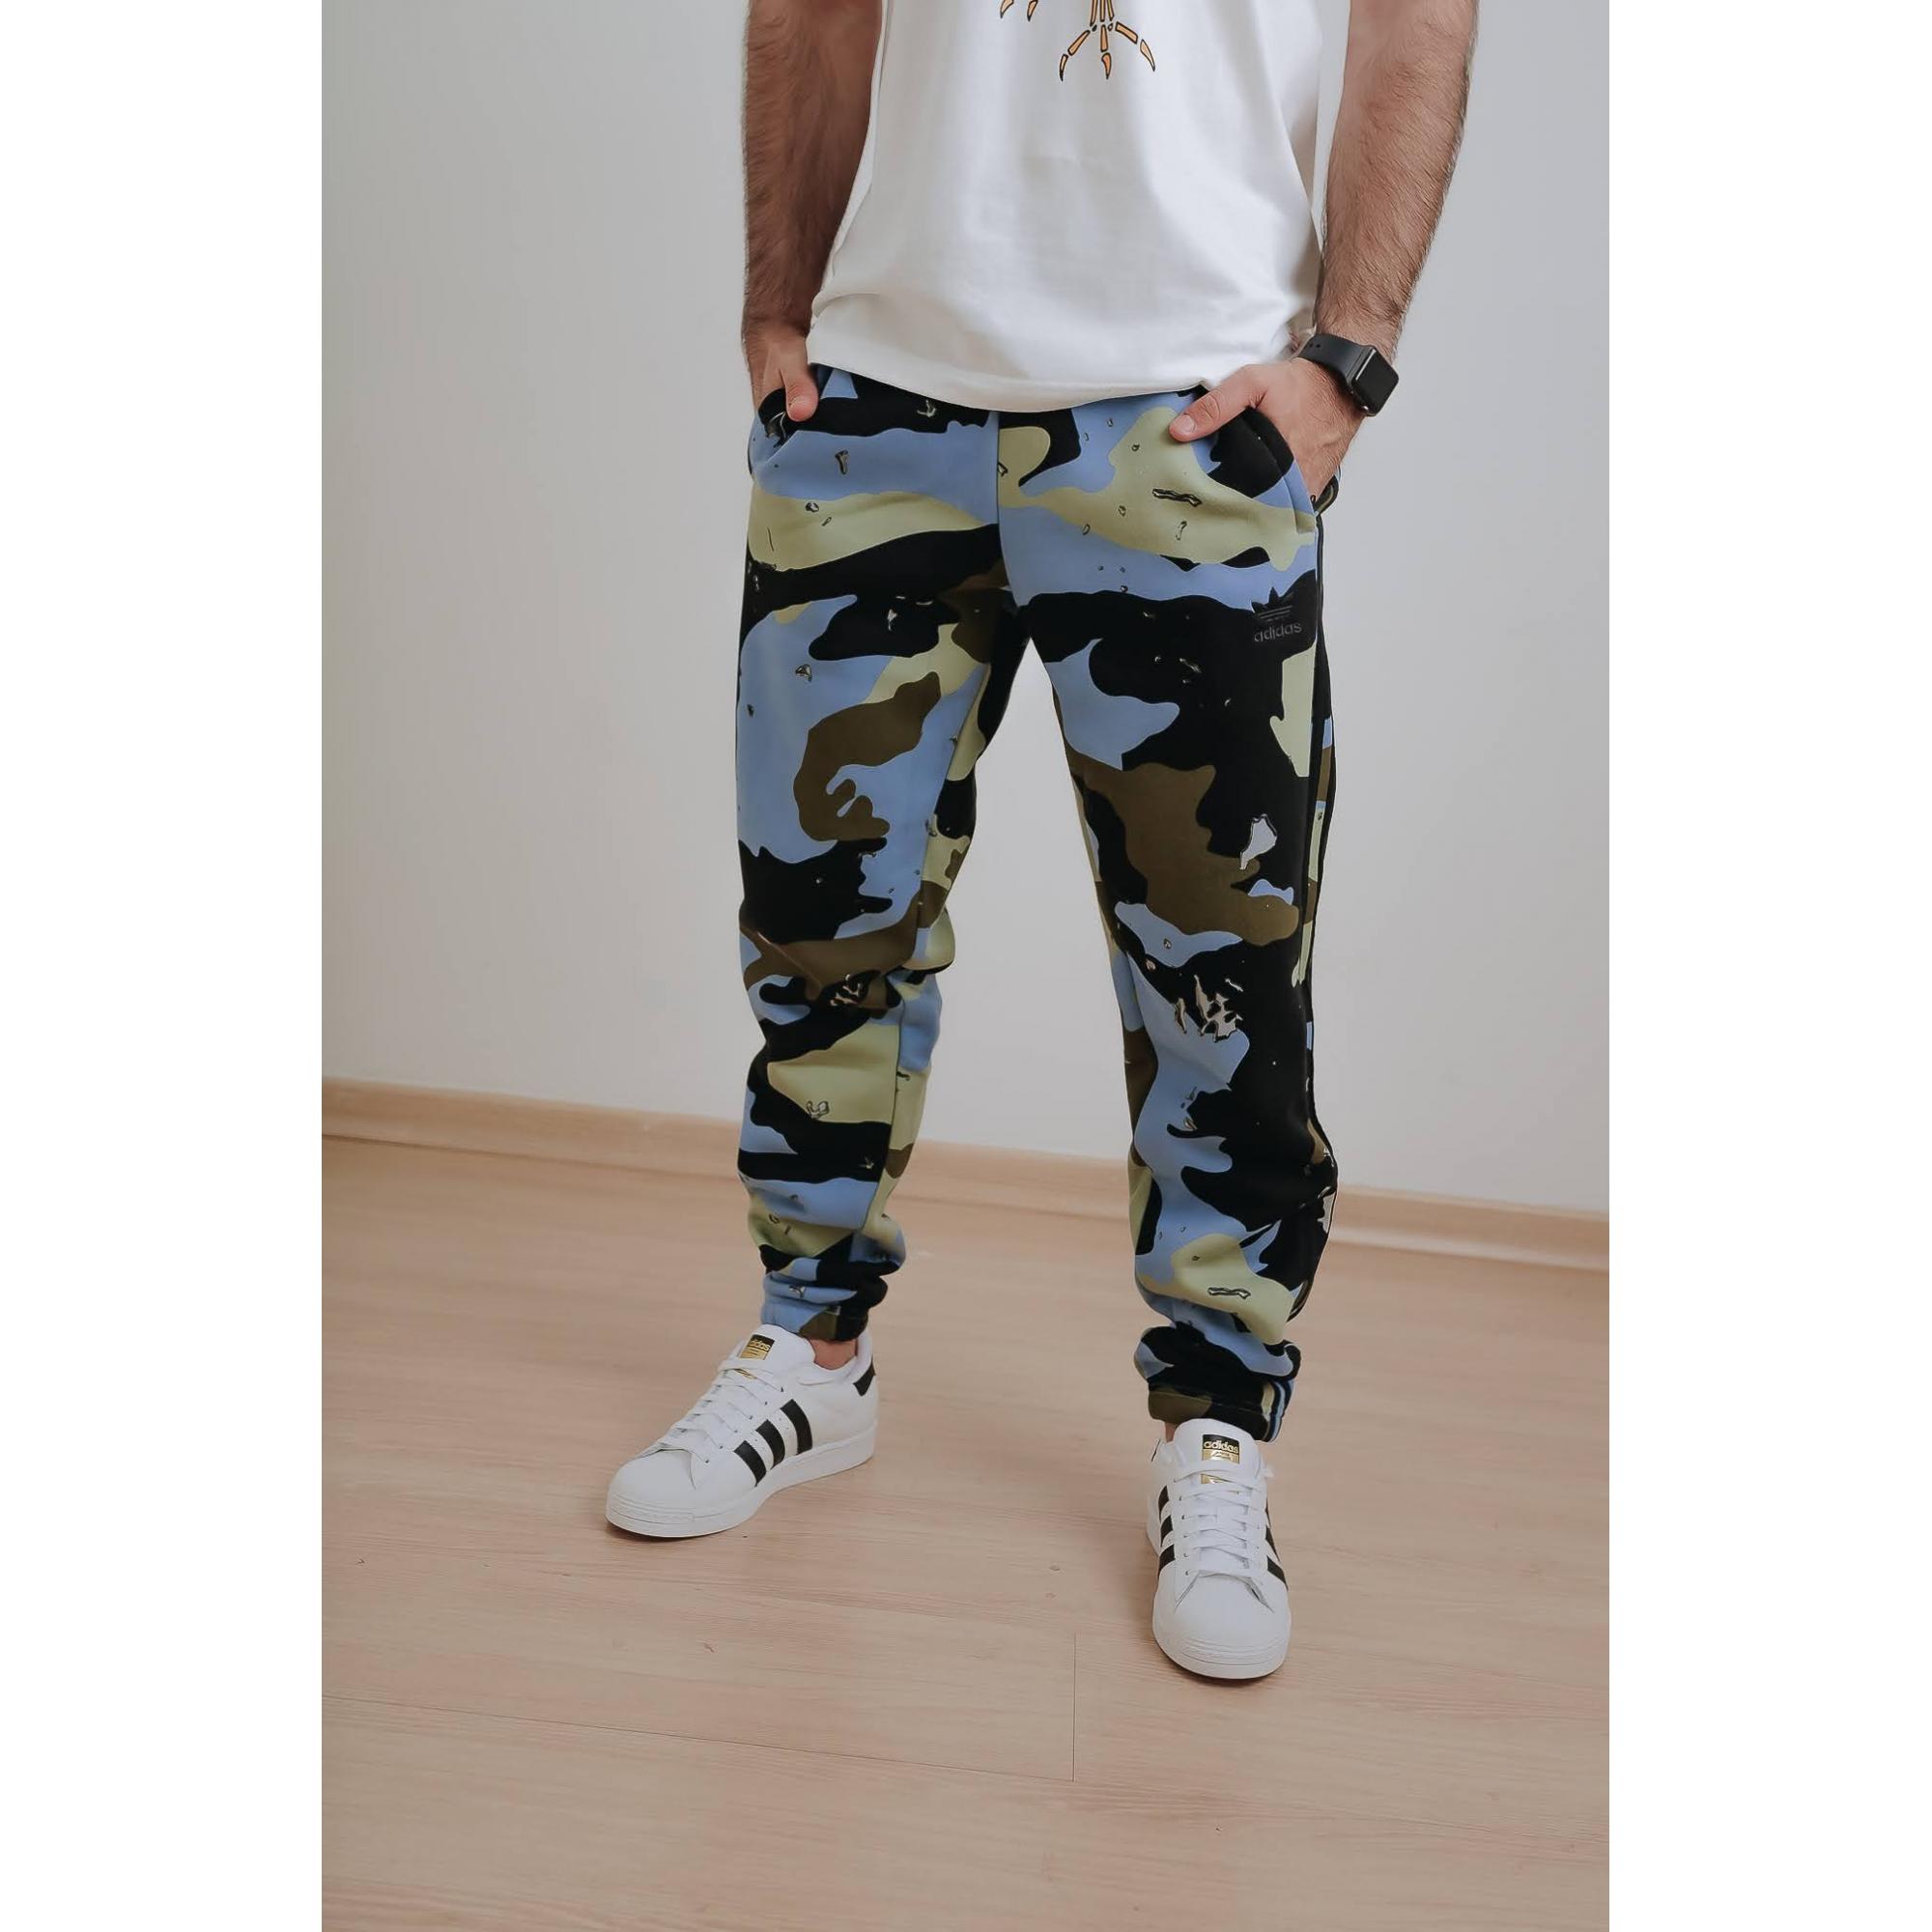 Calca Adidas Originals  Camo Homem